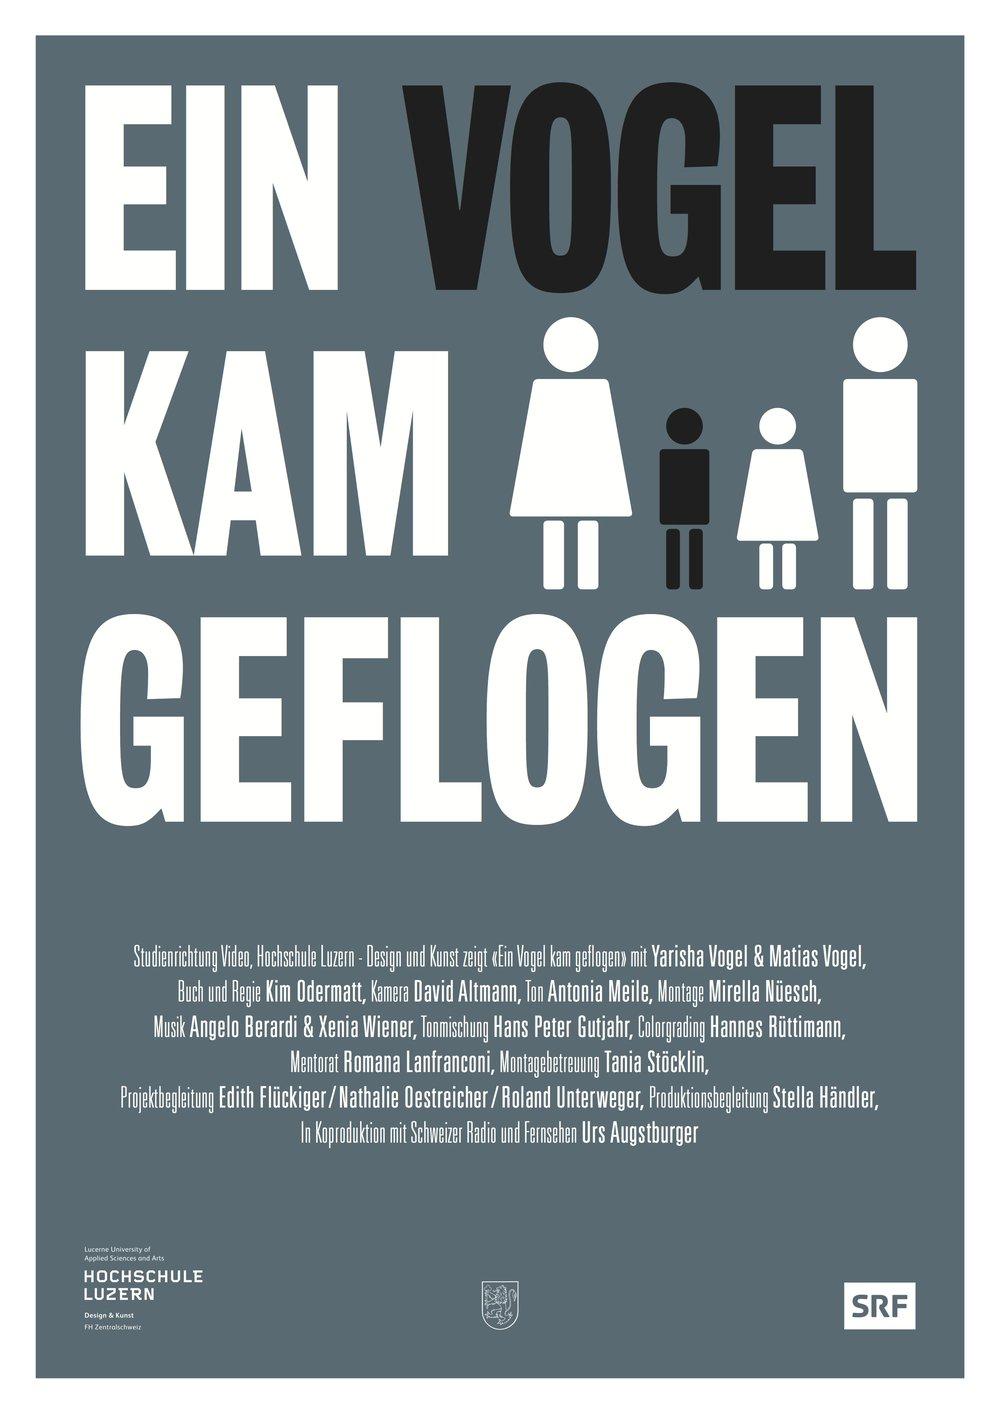 EIN-VOGEL-KAM-GEFLOGEN_Poster.jpg